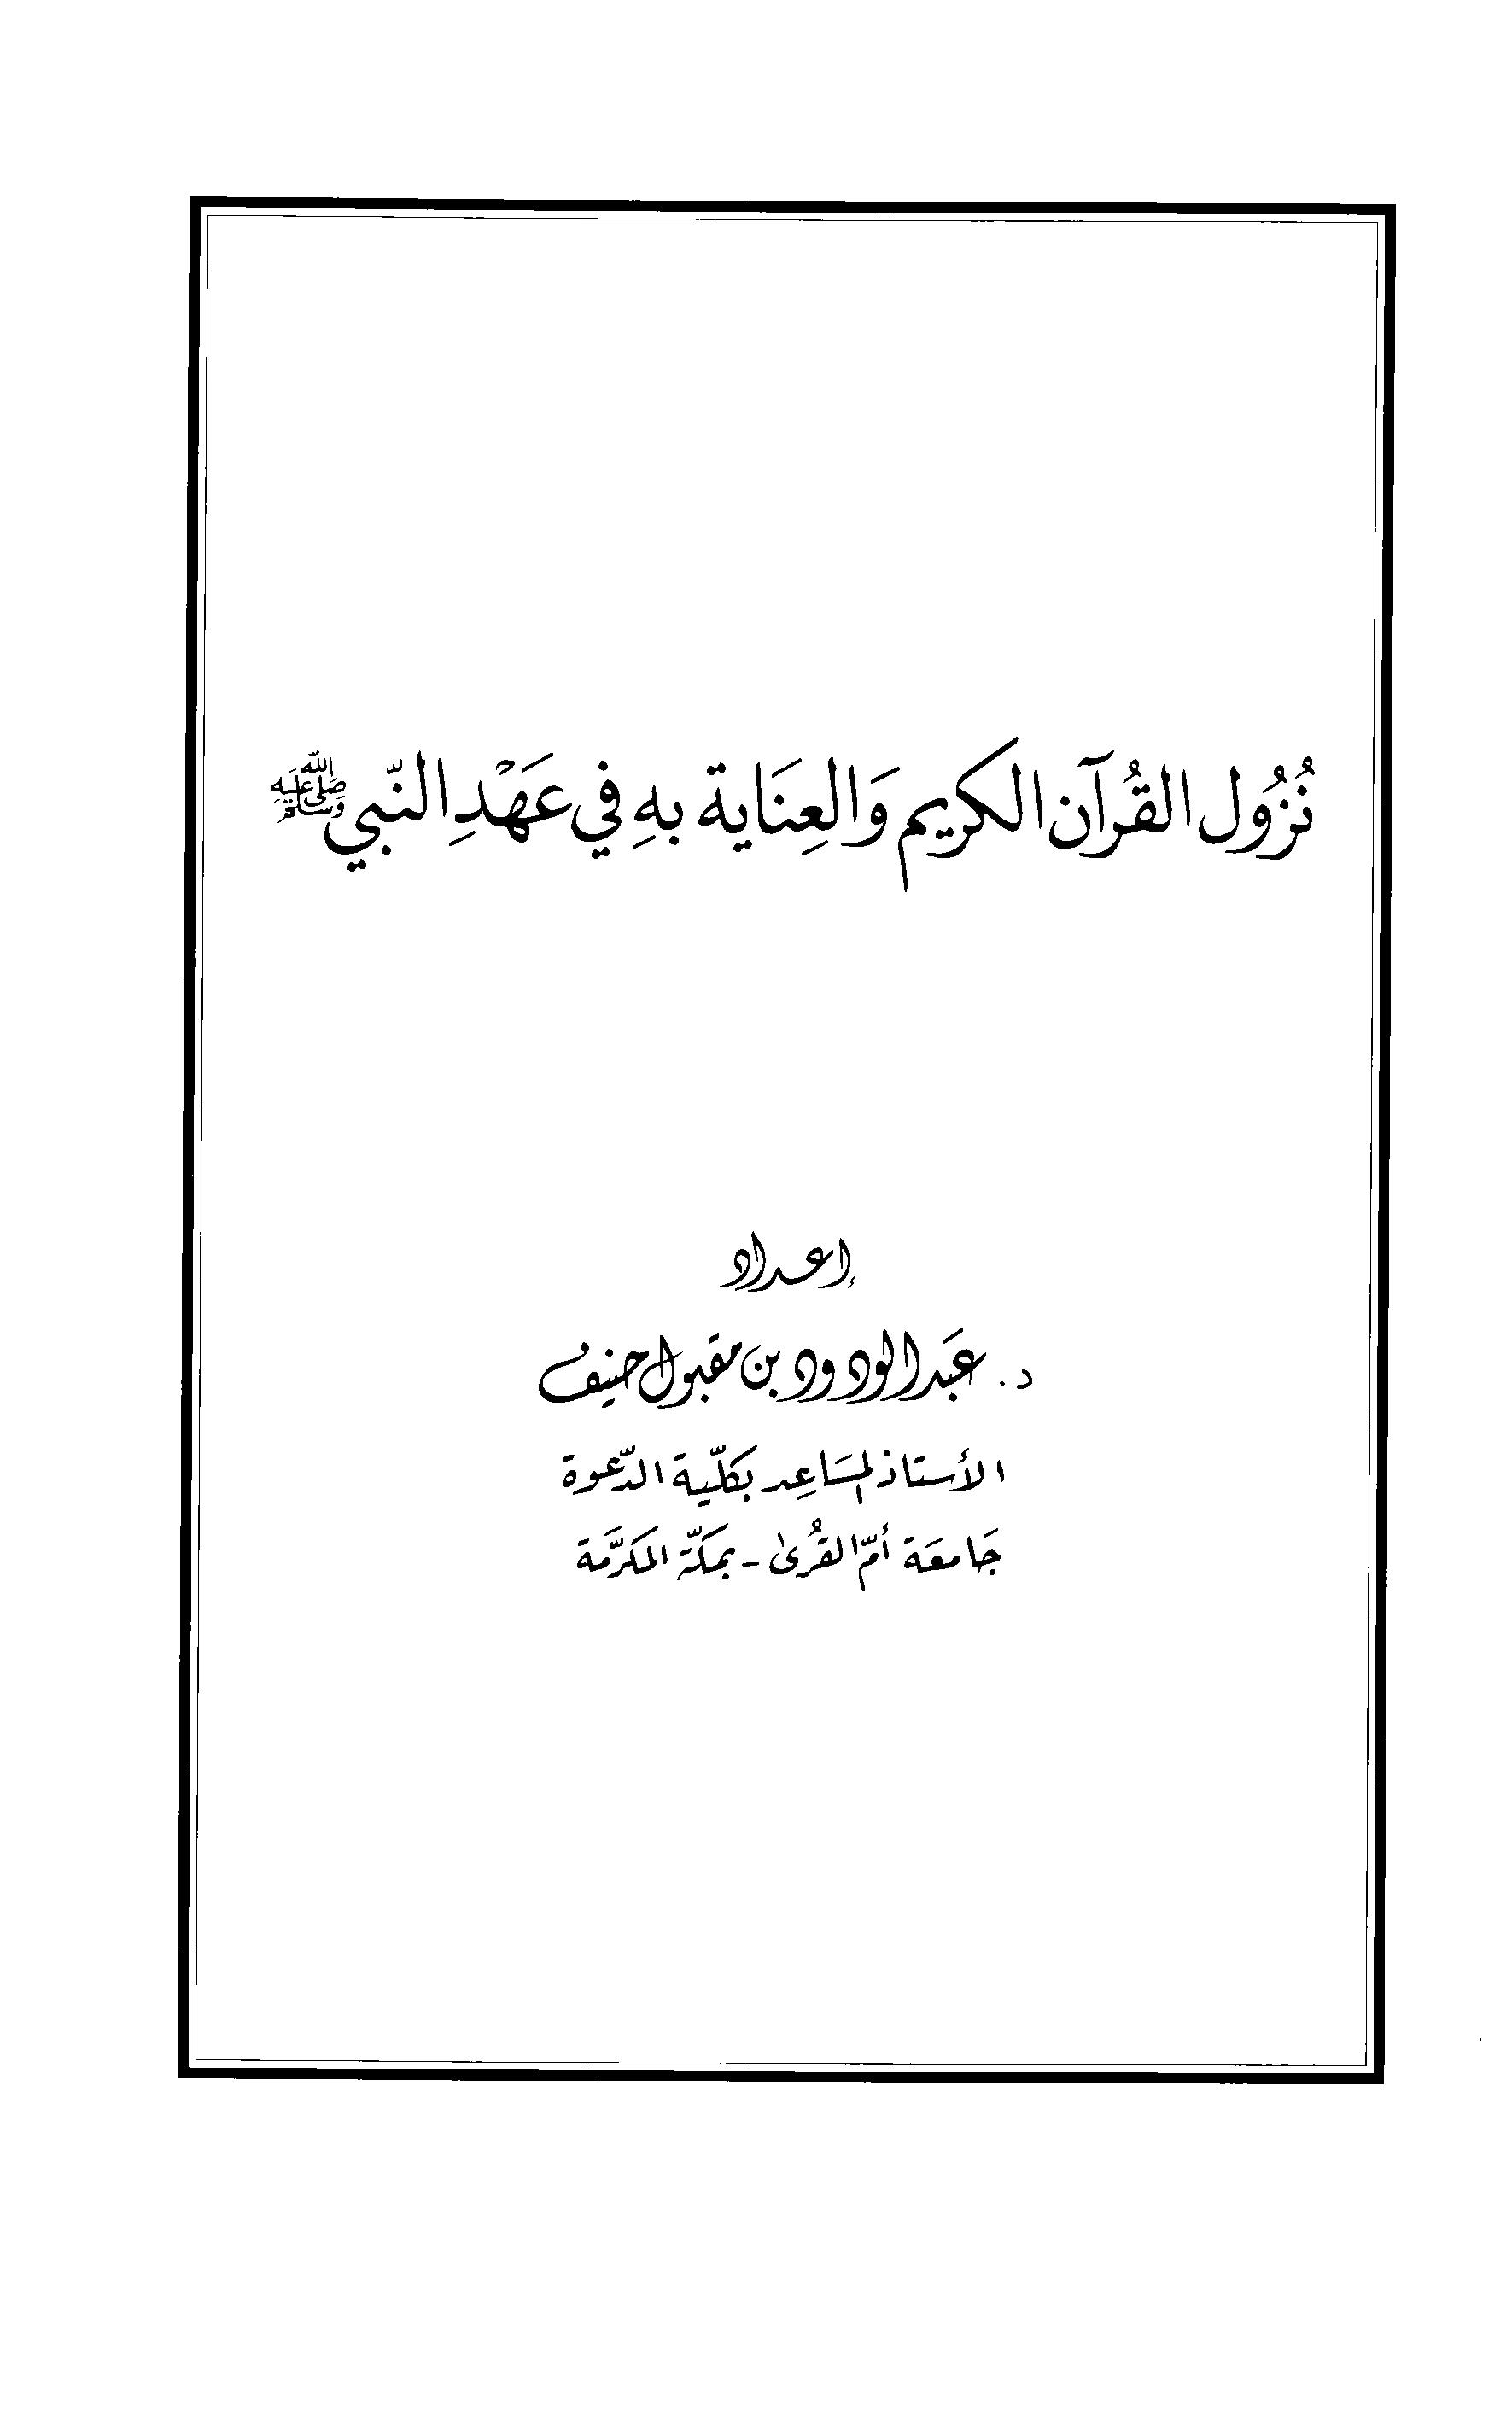 كتاب  نزول القرآن والعناية به في عهد النبي صلى الله عليه وسلم